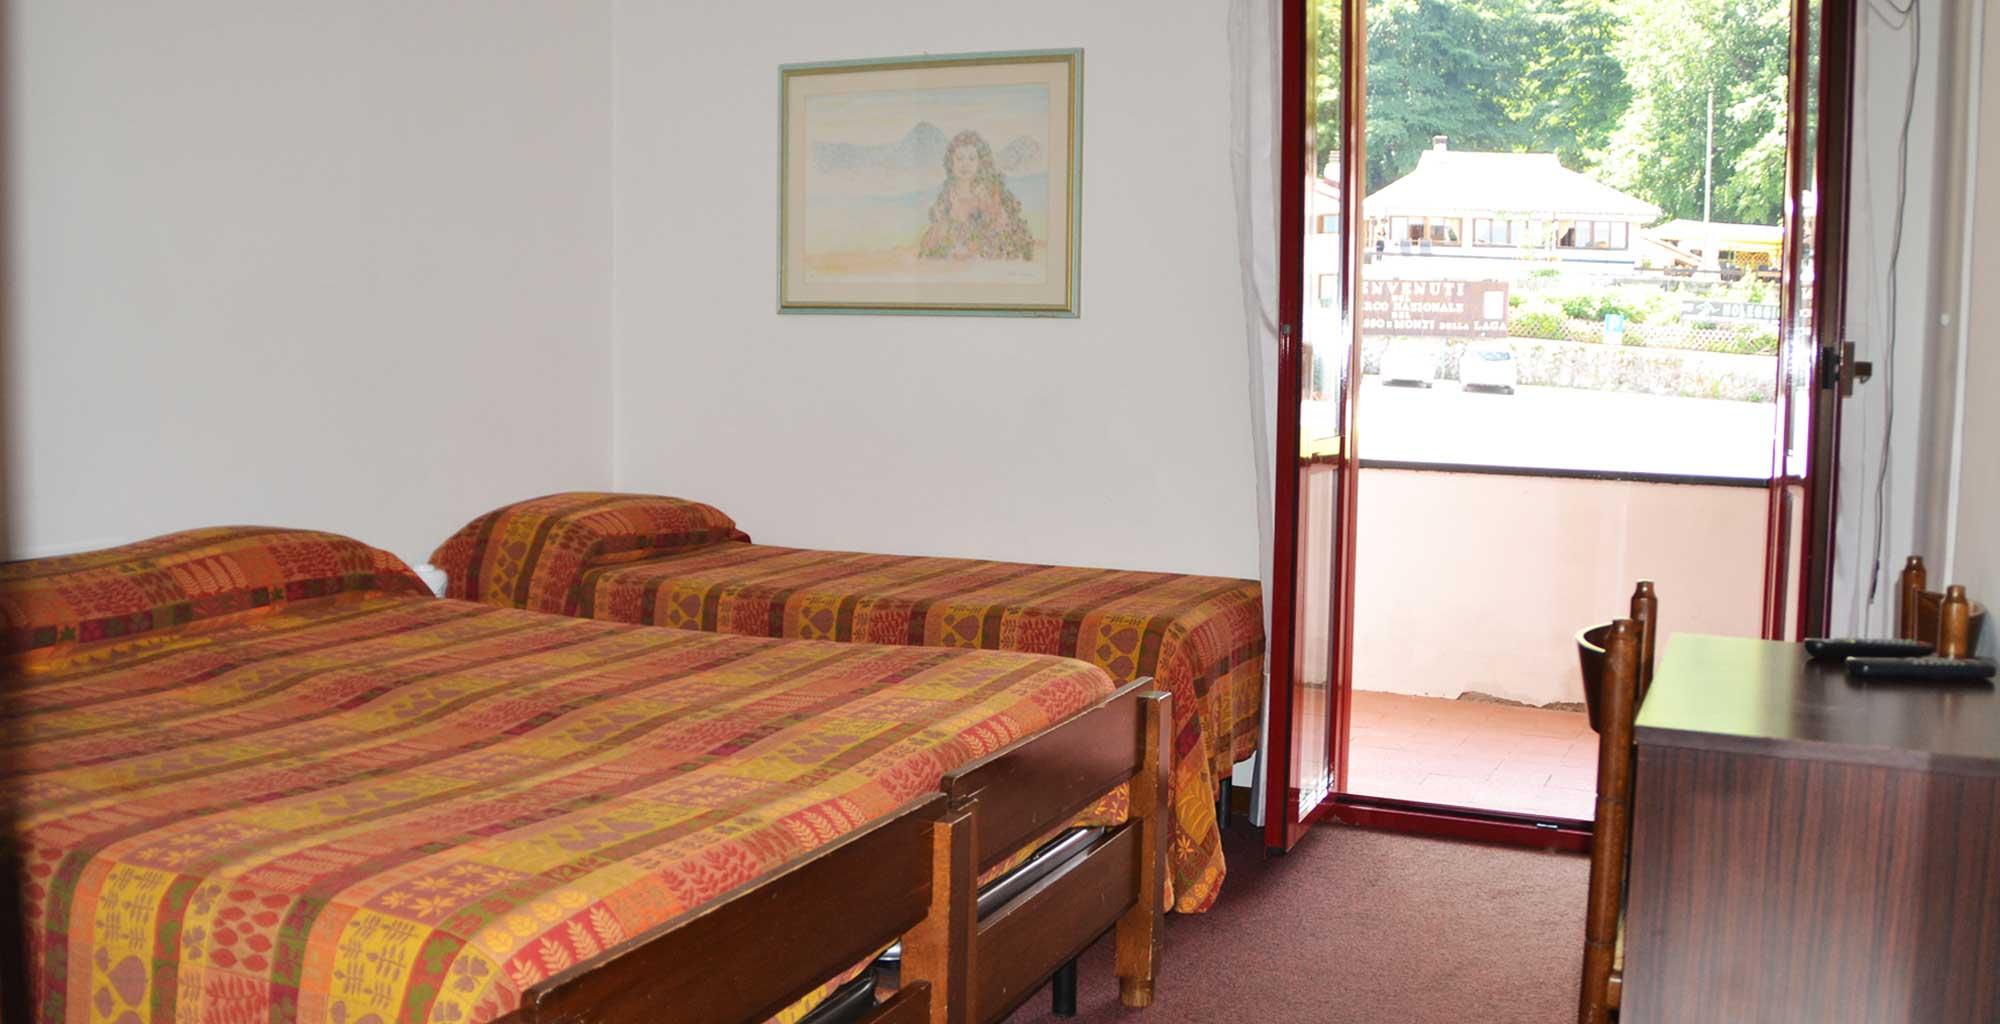 Hotel La Gran Baita - Prati di Tivo